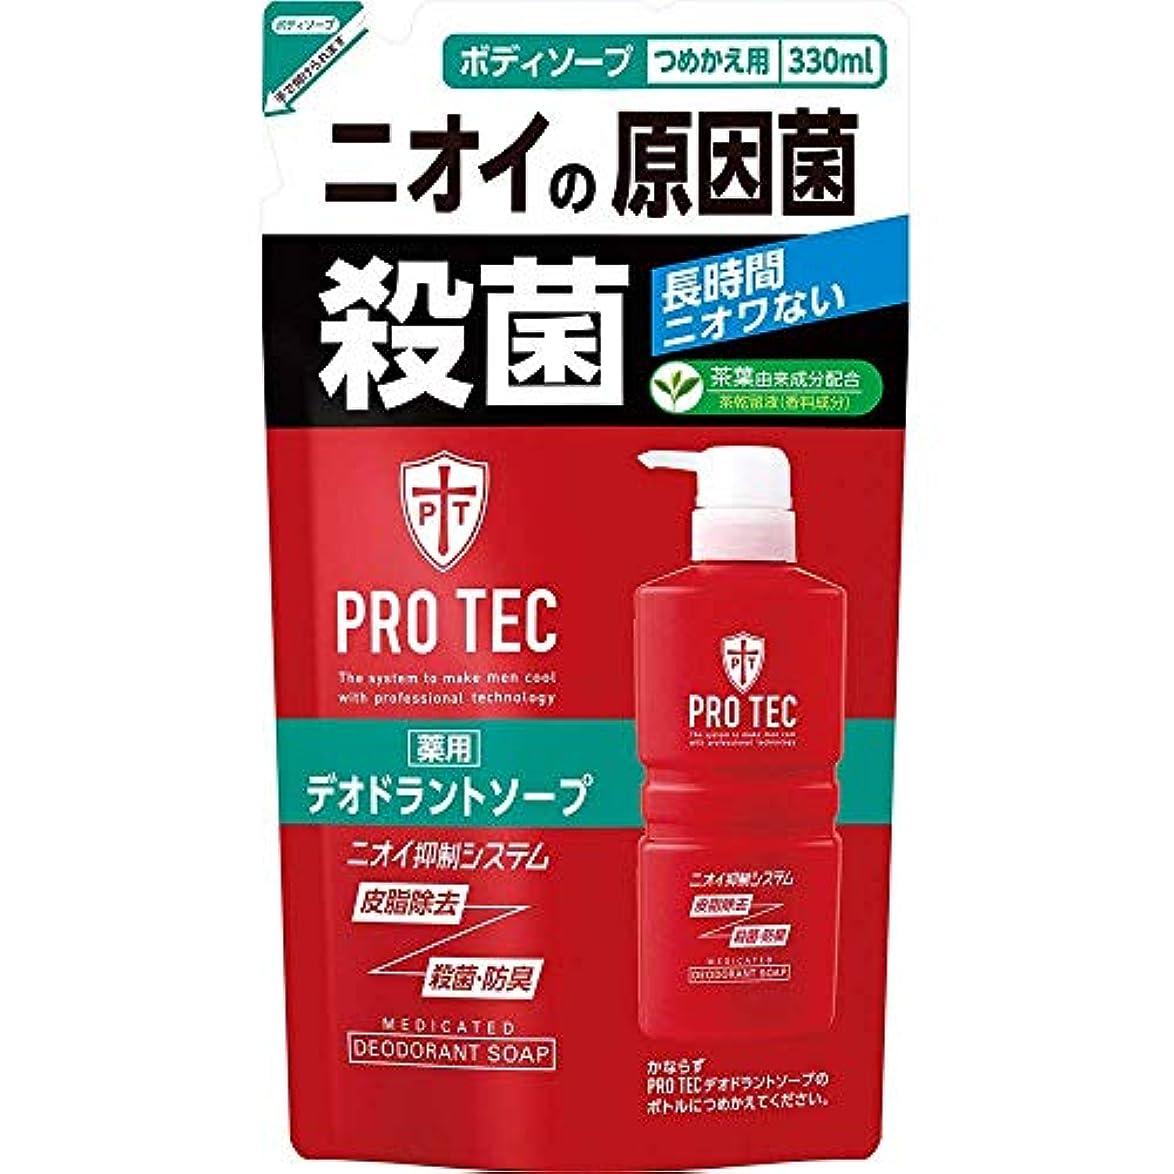 香ばしい罹患率オーストラリアPRO TEC デオドラントソープ つめかえ用 330ml ×2セット